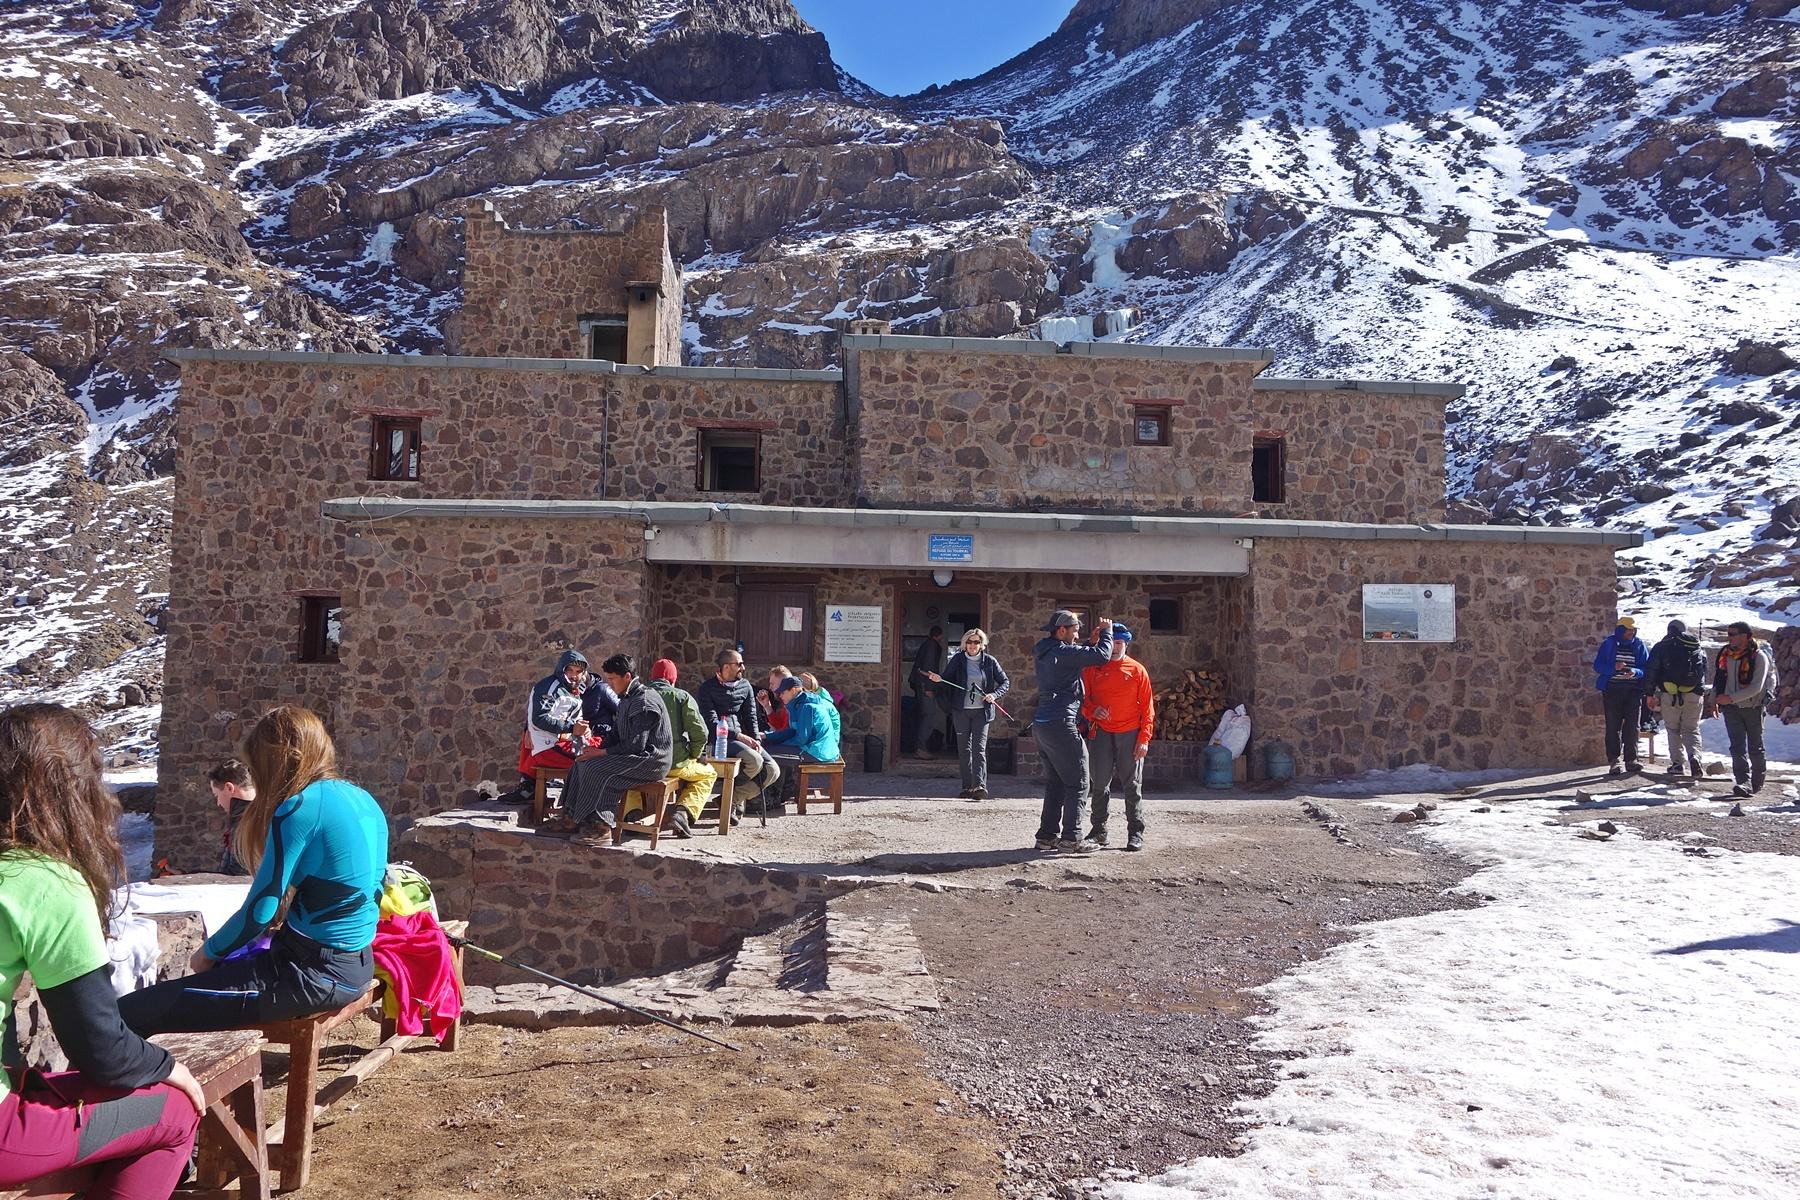 Toubkal Refuge | Voyage Maroc sur mesure | Voyage au Maroc | Vacances au Maroc sur mesure | Trek au Maroc | circuit de velo au maroc | randonnée et voyage | Trekking | VTT | Randonnées & Treks au Maroc montagne désert